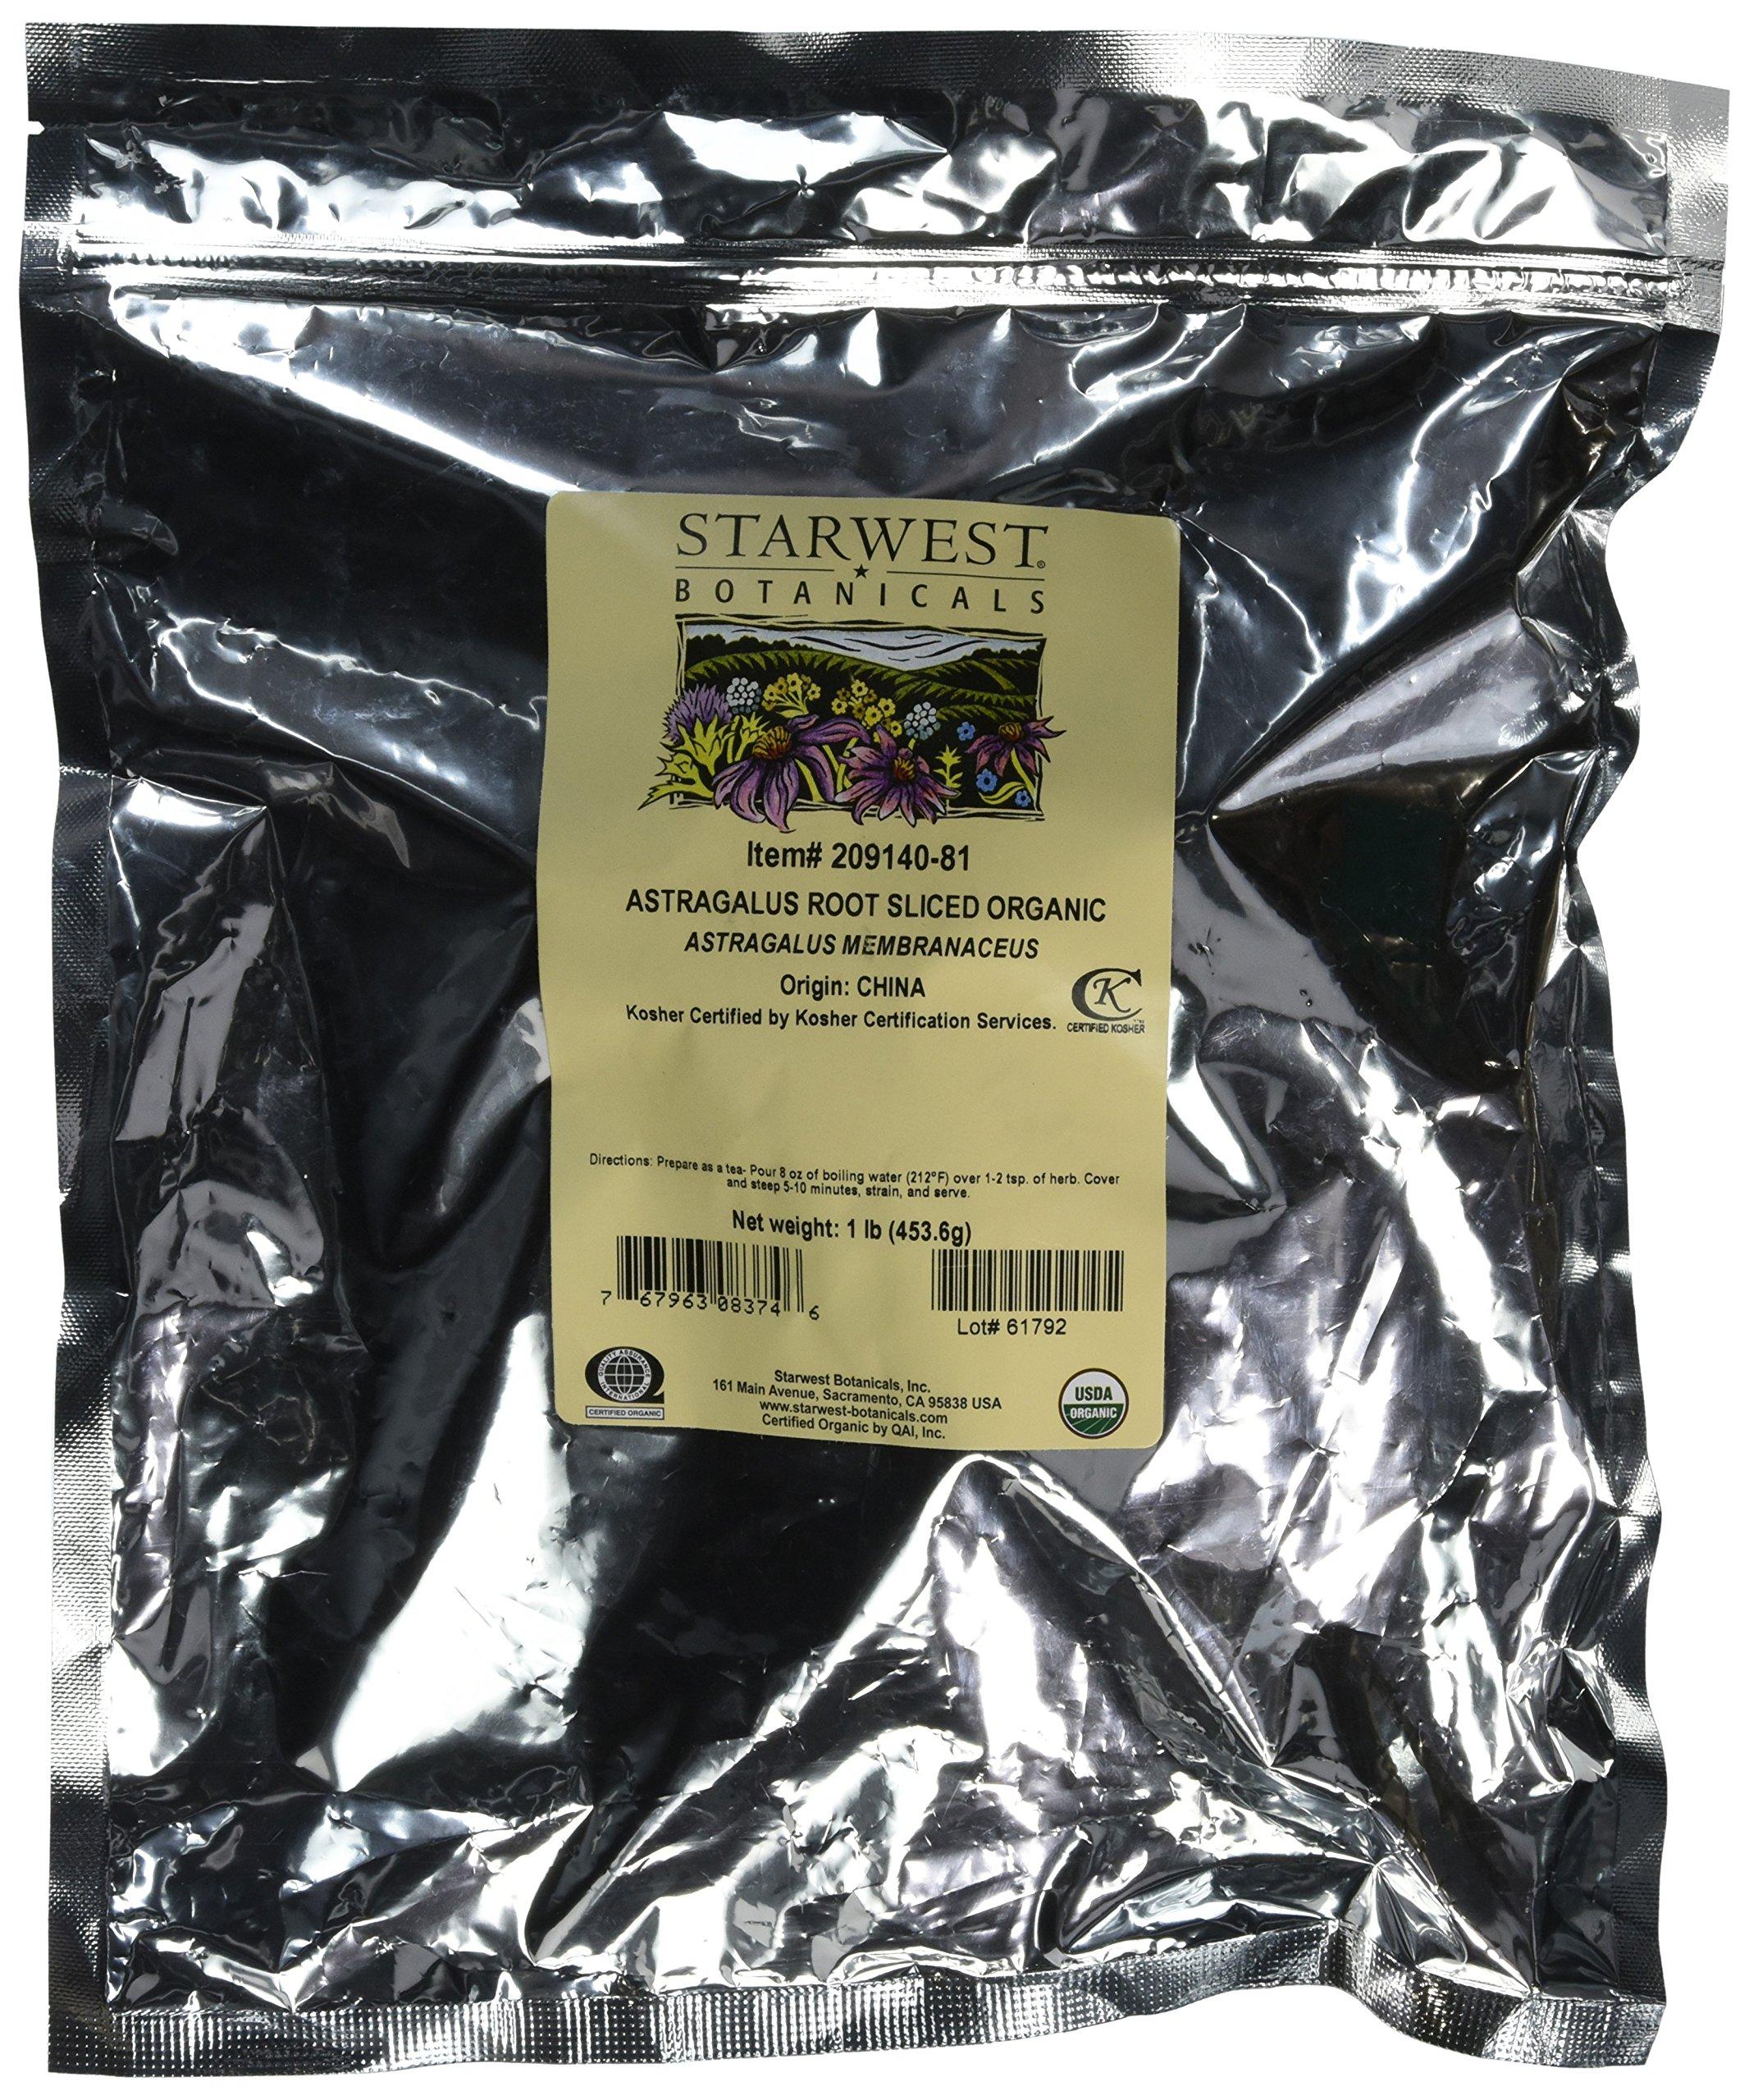 Starwest Botanicals Organic Astragalus Root Sliced, 1 Pound